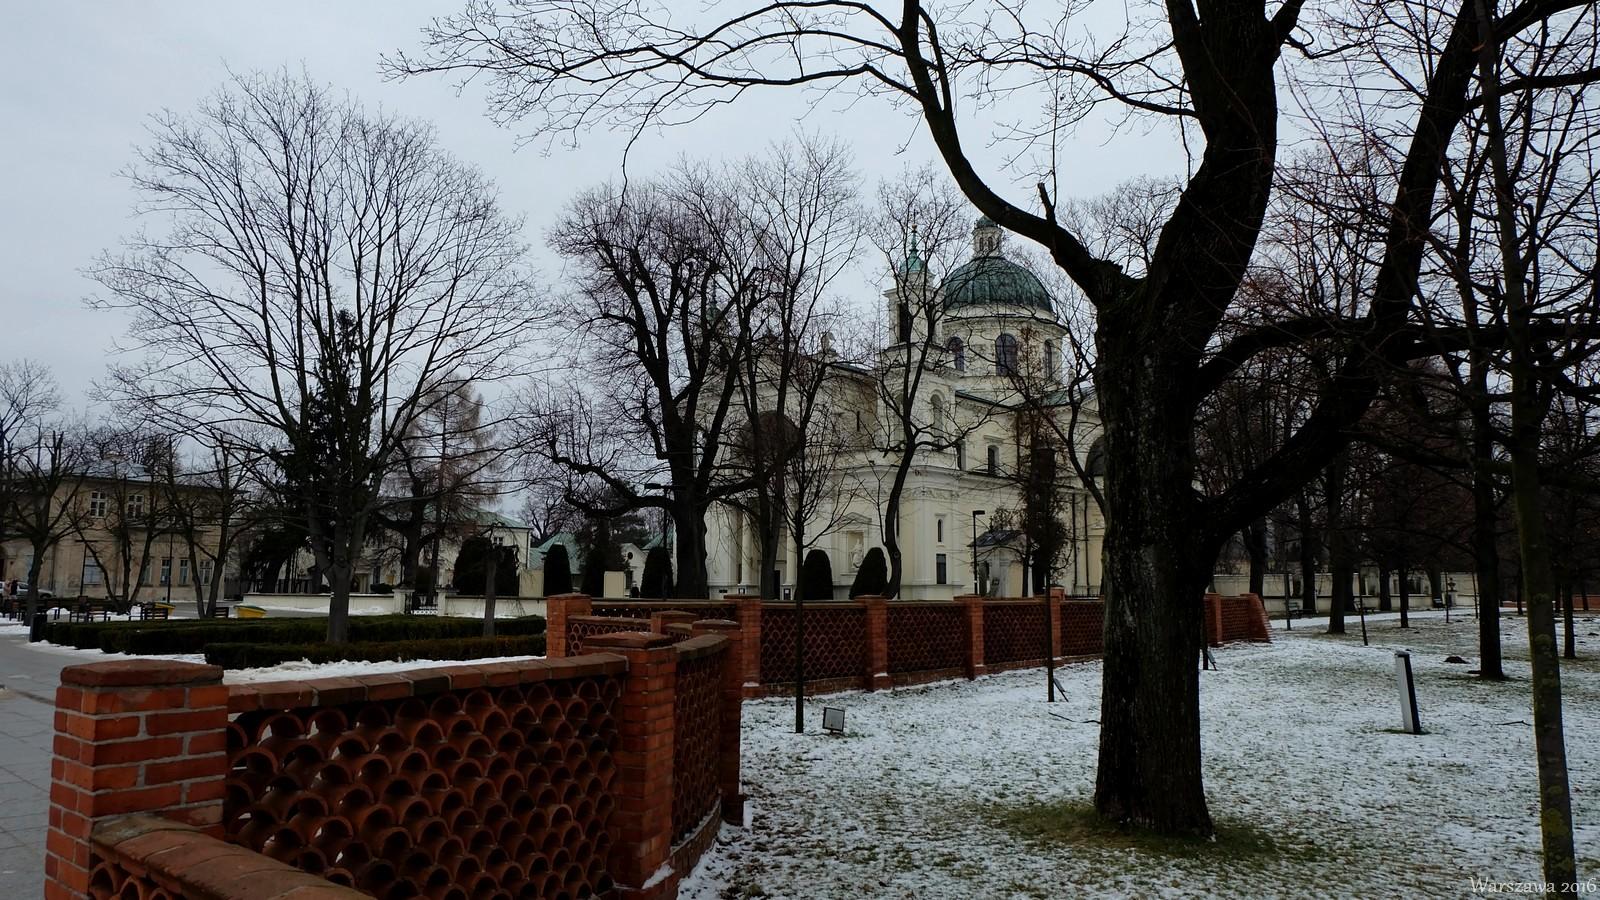 Kościół pw. Św. Anny, Wilanow, Warszawa, Poland